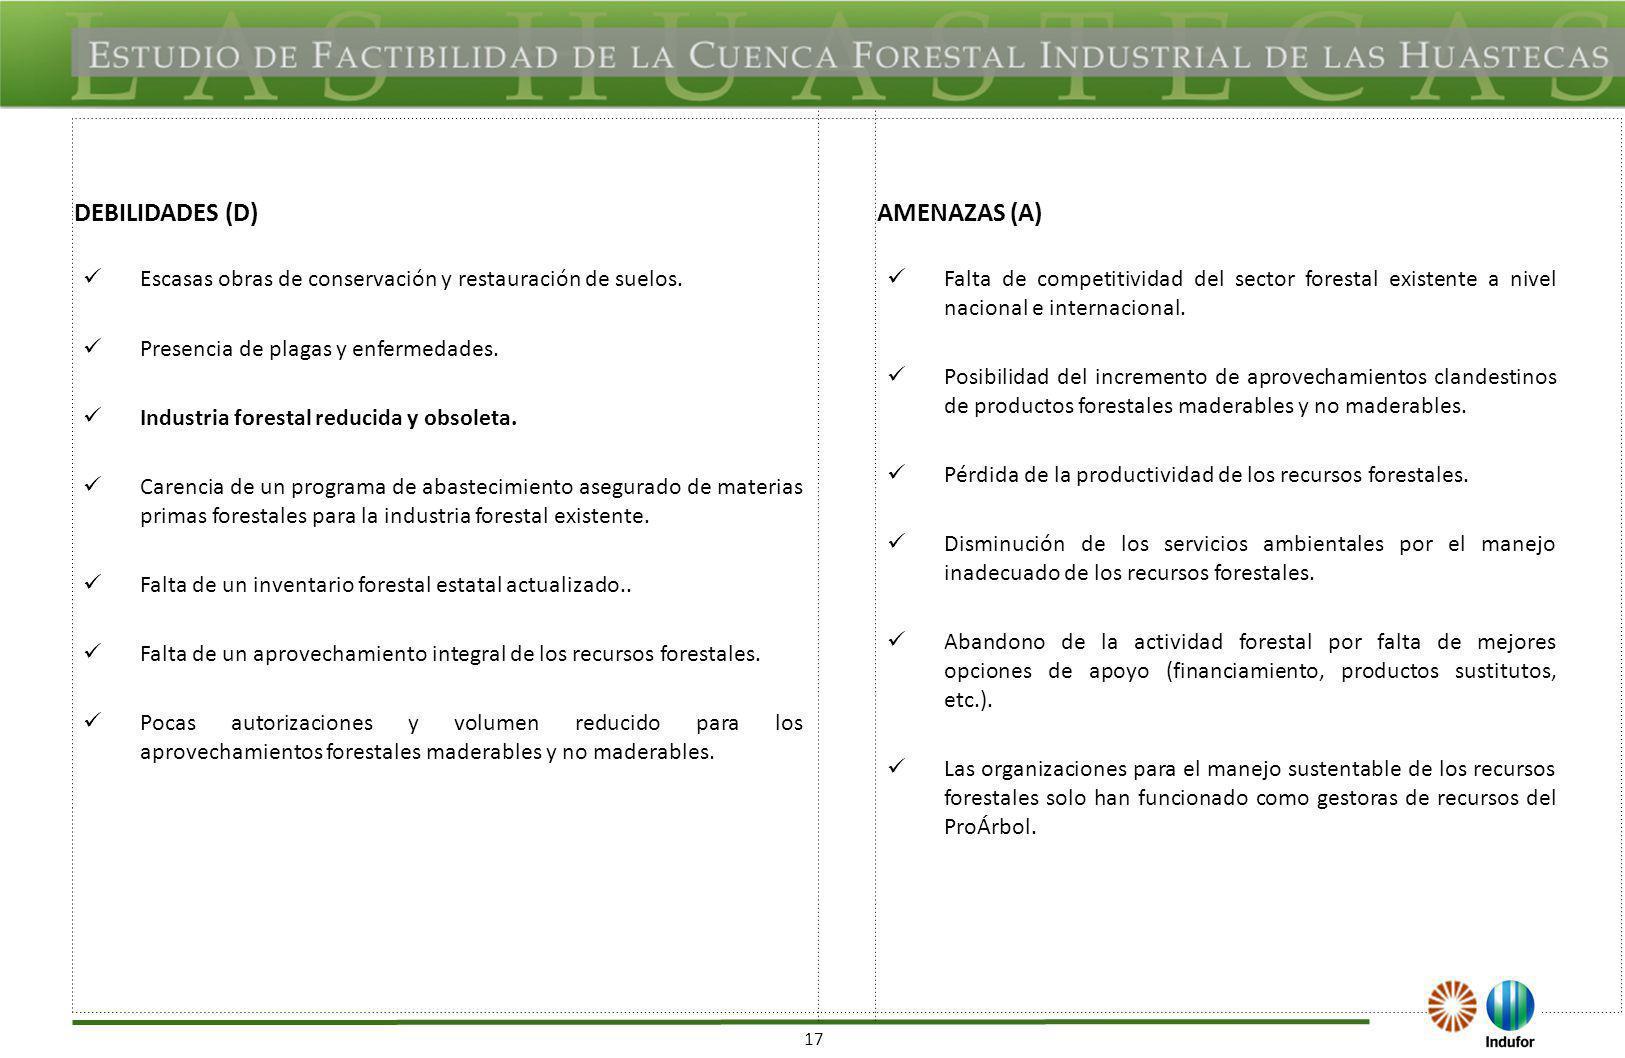 17 DEBILIDADES (D)AMENAZAS (A) Escasas obras de conservación y restauración de suelos. Presencia de plagas y enfermedades. Industria forestal reducida